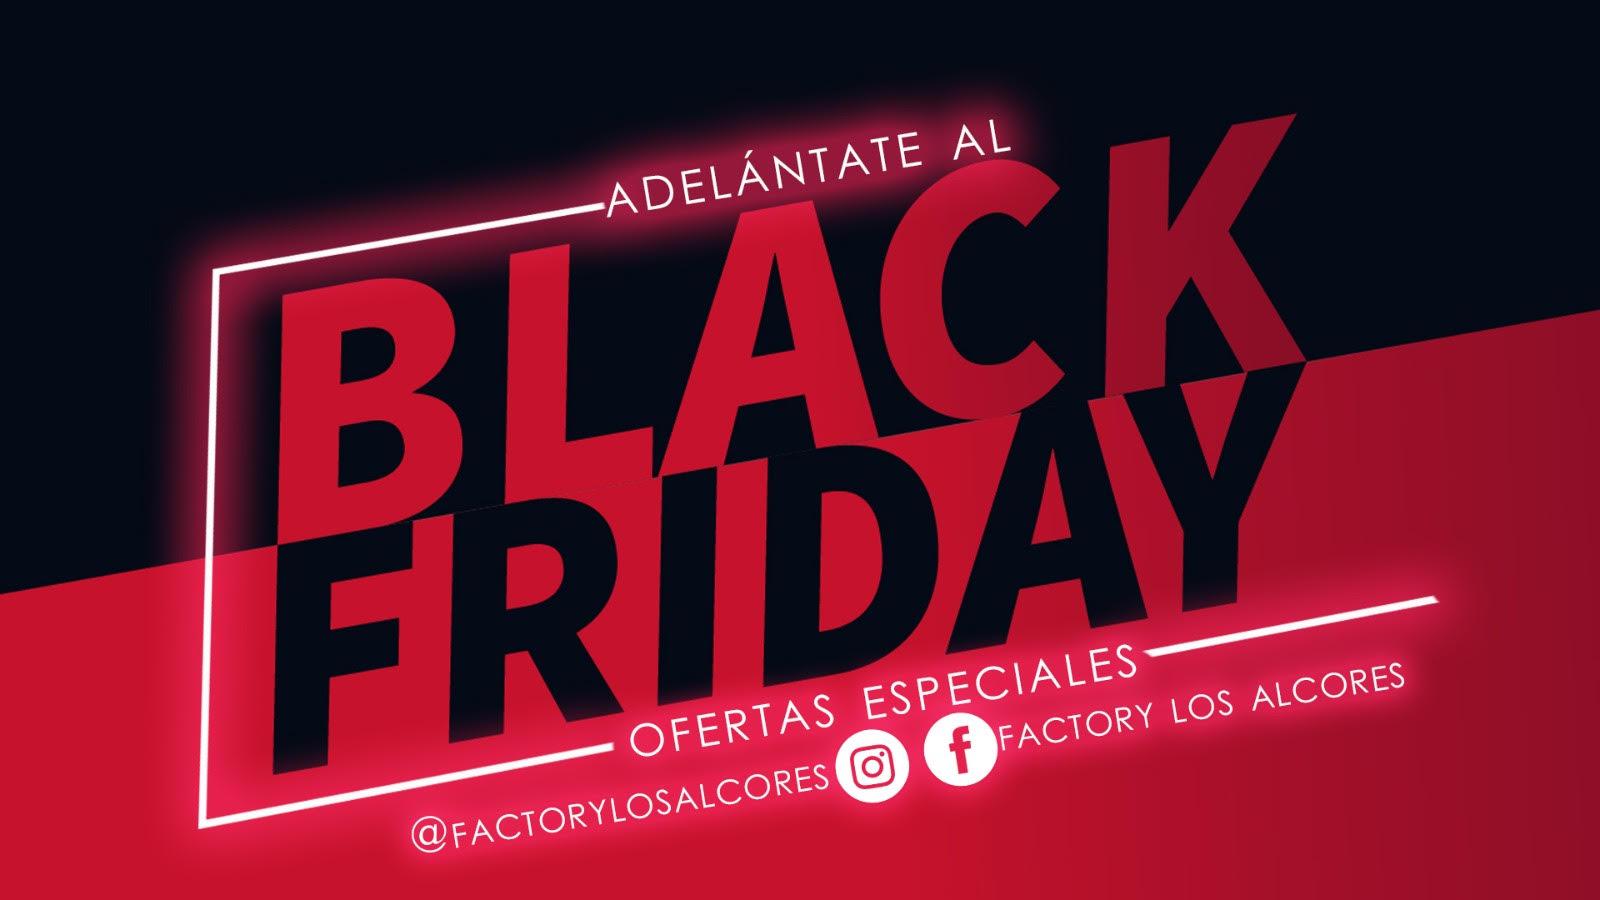 BLACK FRIDAY FACTORY LOS ALCORES